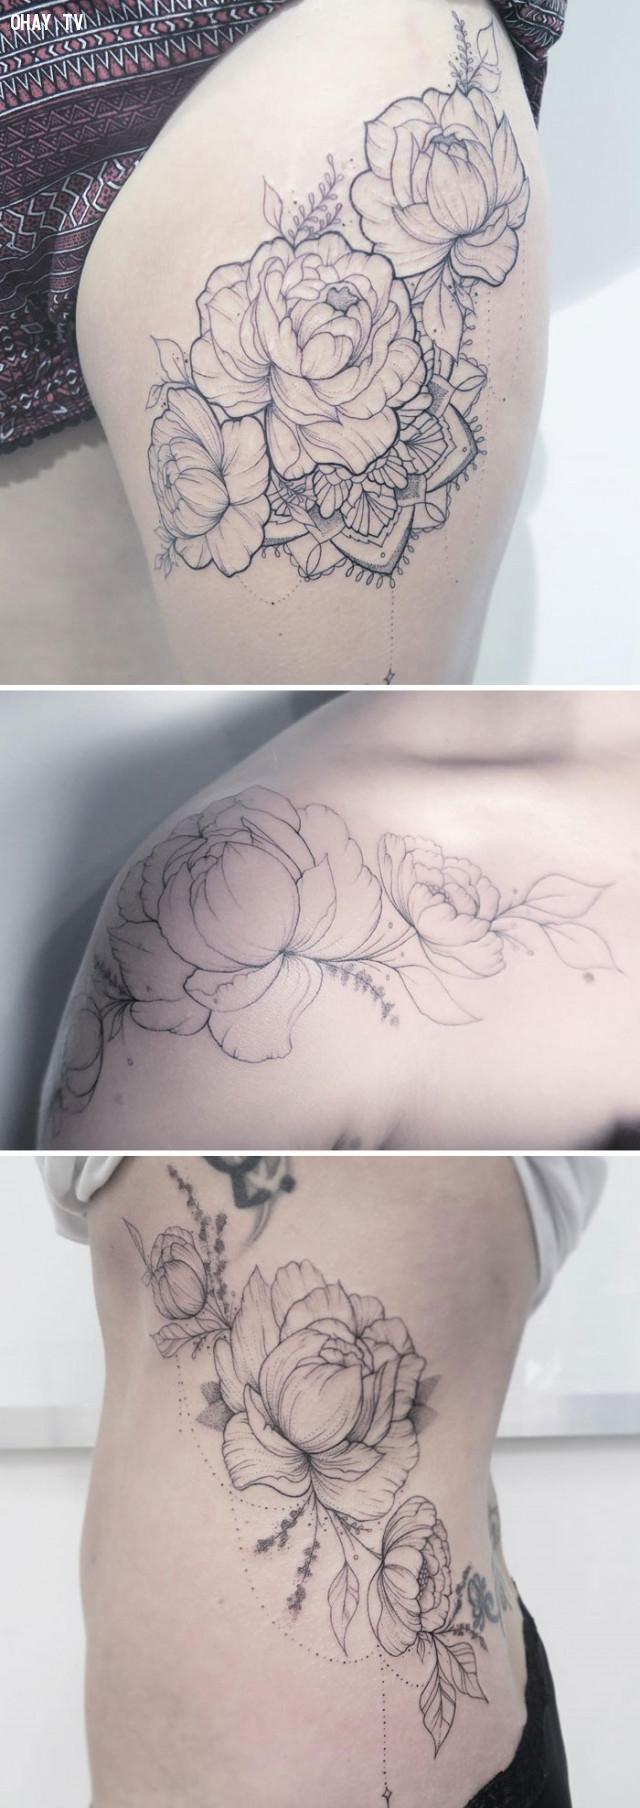 Tổng hợp 100++ mẫu hình xăm hoa lá đẹp mê ly nhìn là muốn thử